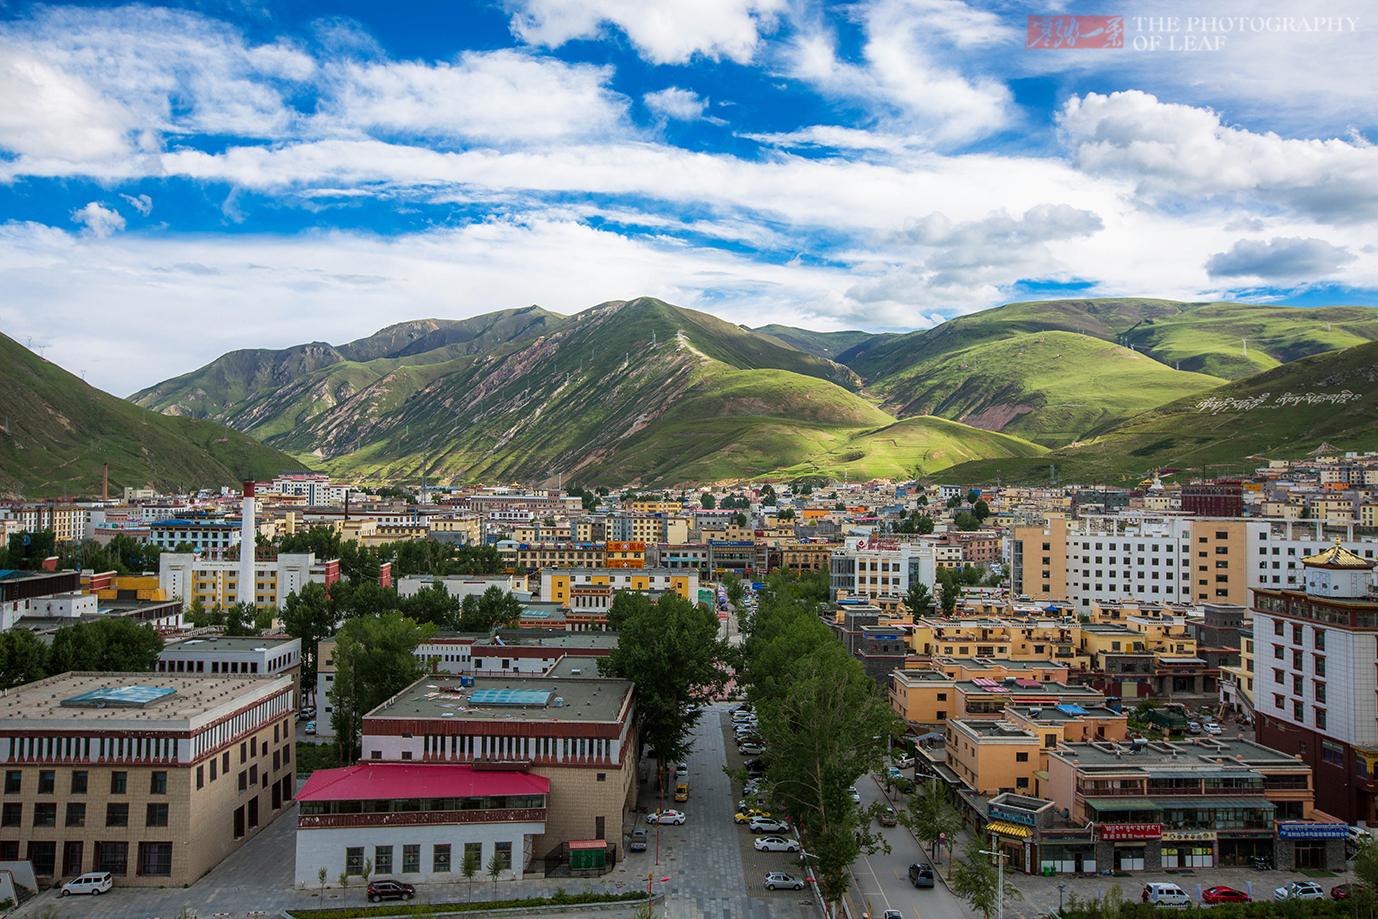 地震把这夷为平地,如今它是高原最现代化的城市,这是重生的奇迹